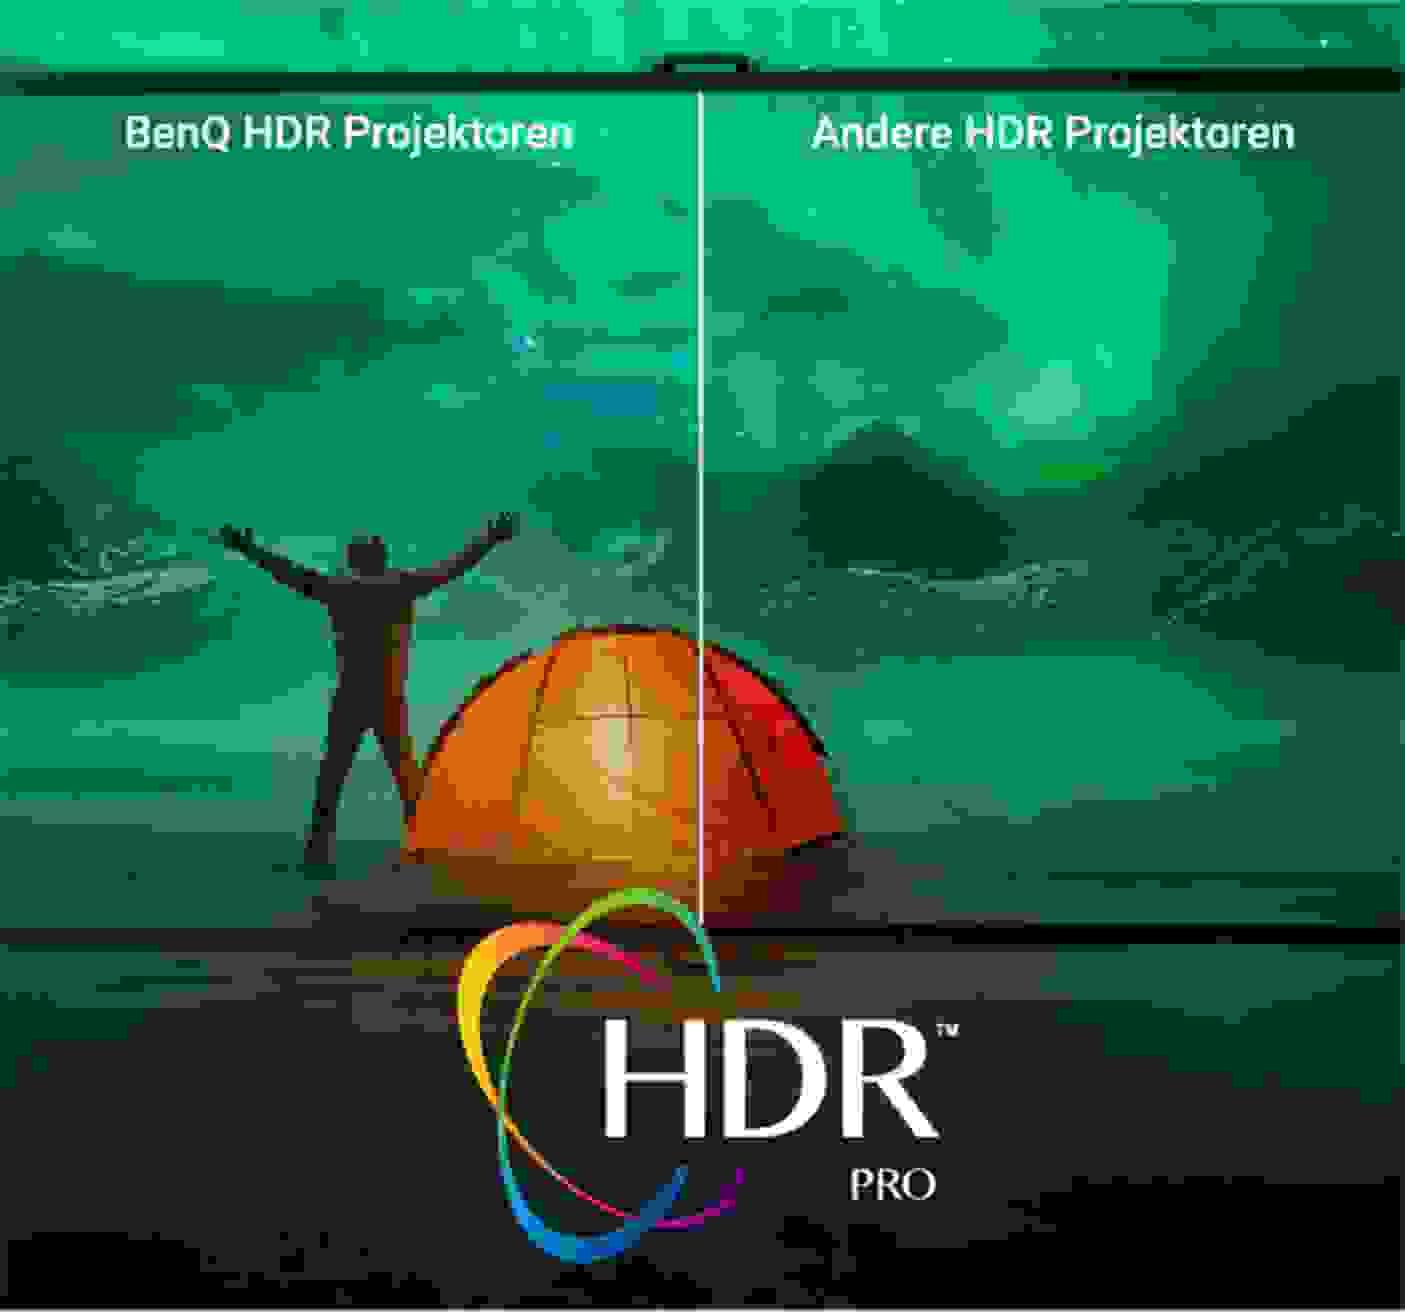 Extrem realistische Videoqualität mit HDR Pro